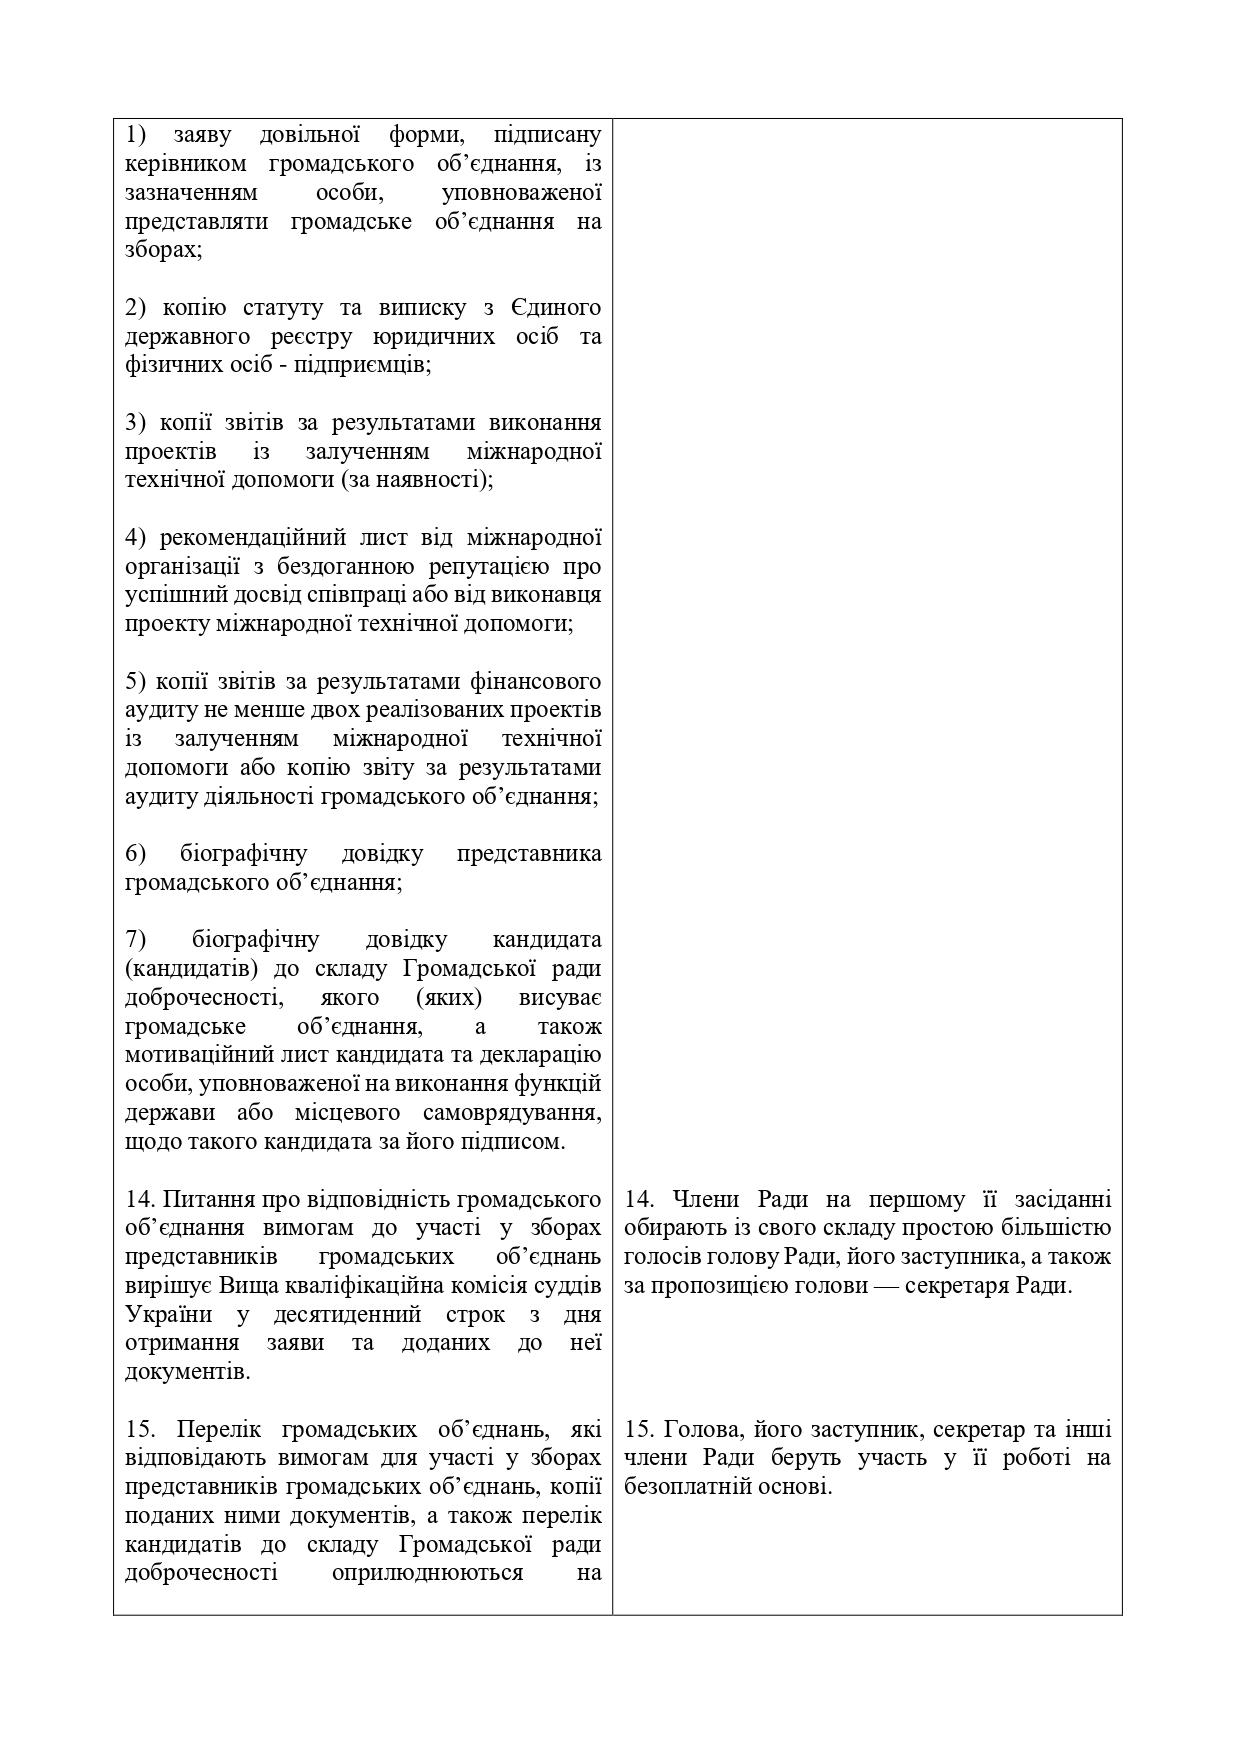 Висновок-АРССУ-щодо-№ 3534-21.07.2020_page-0025